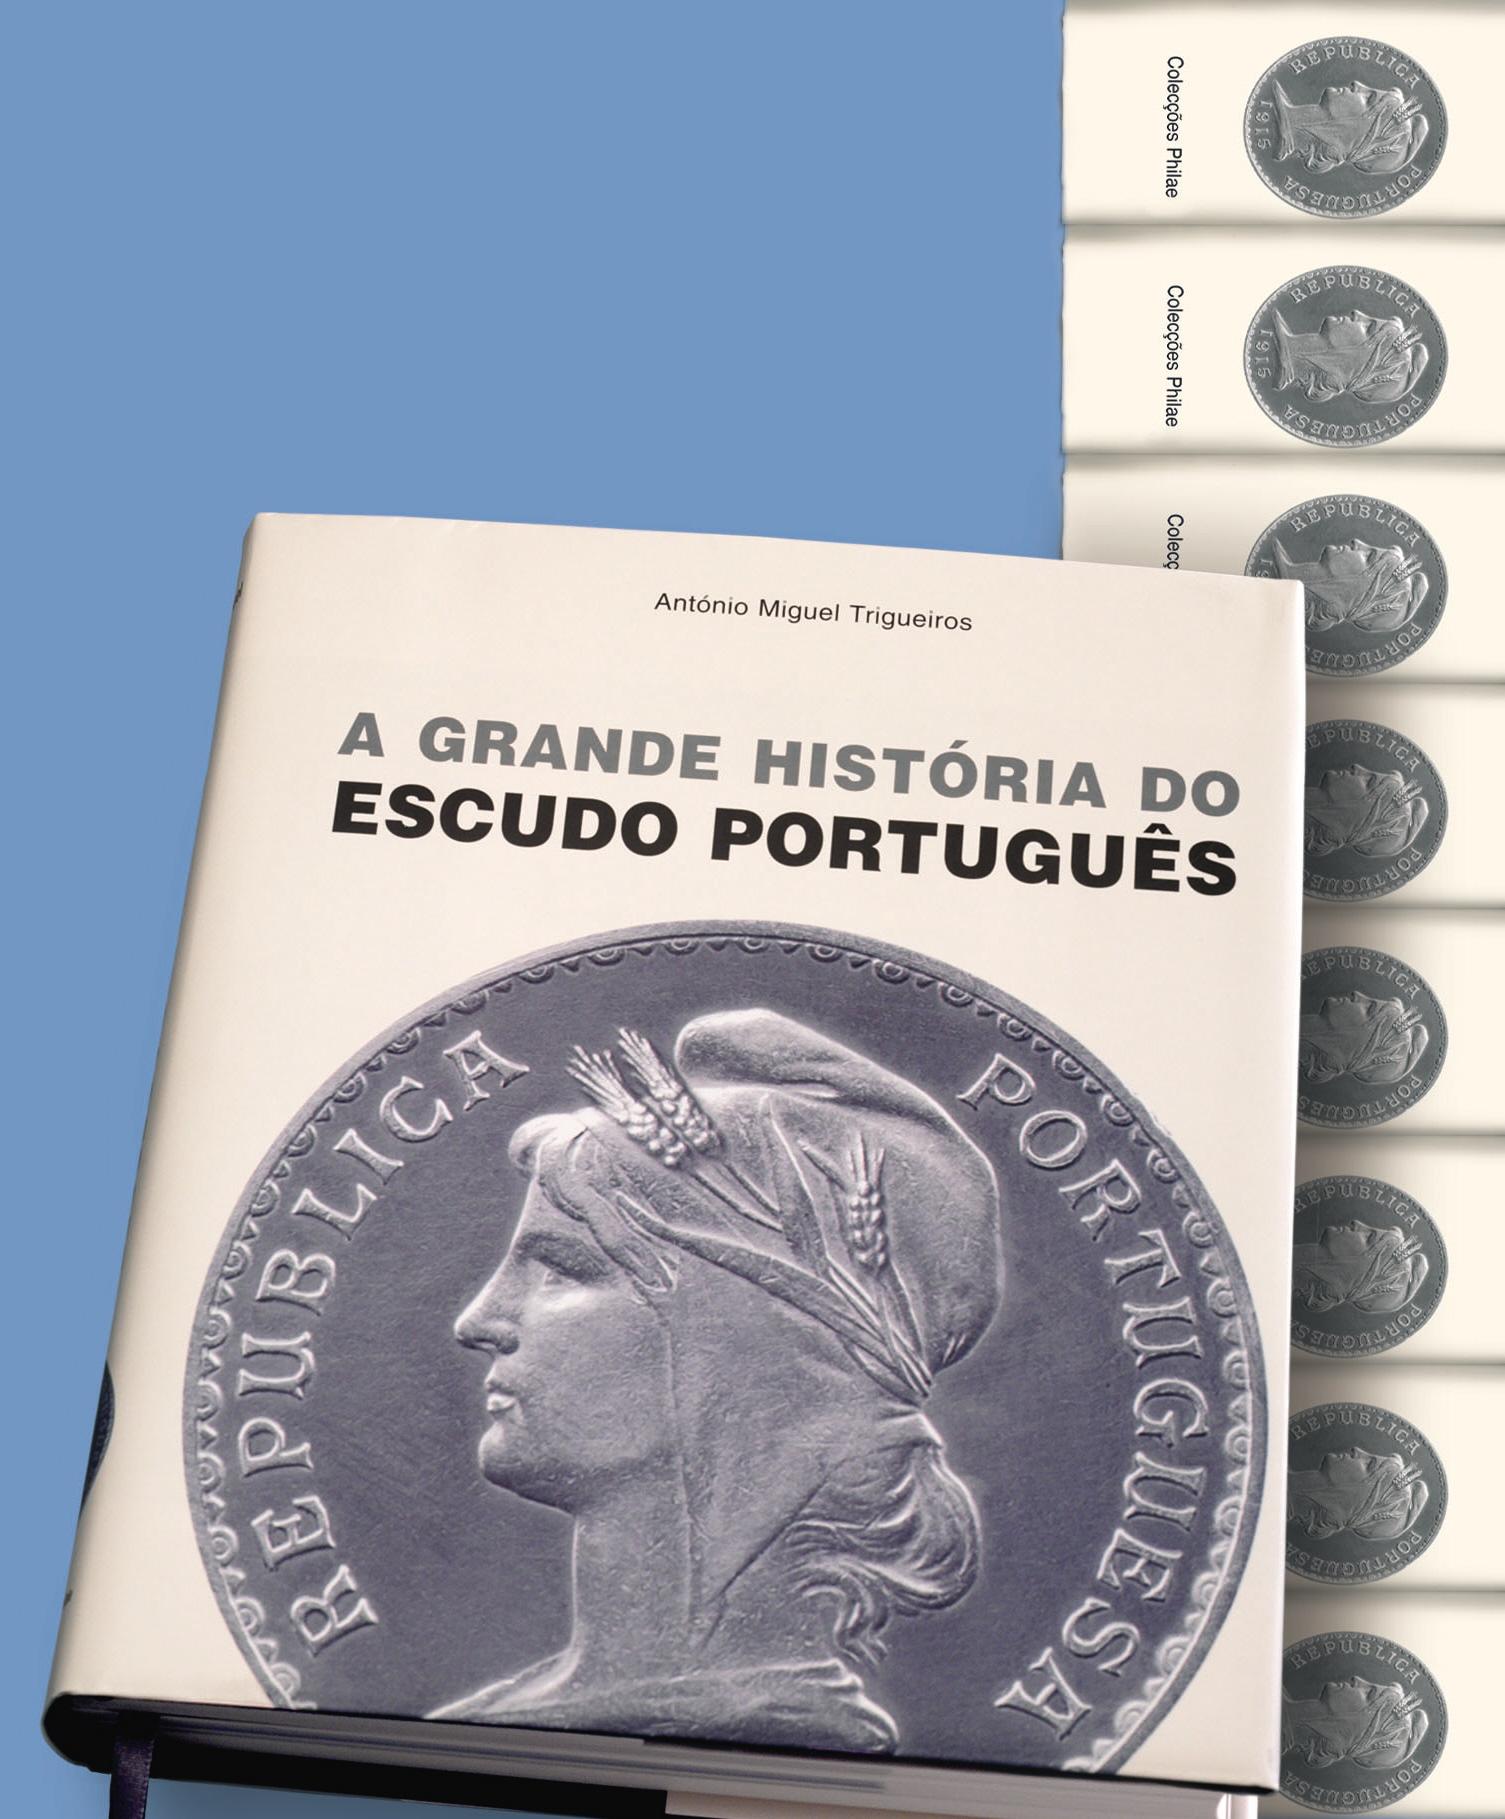 Capa_Livro_Escudo